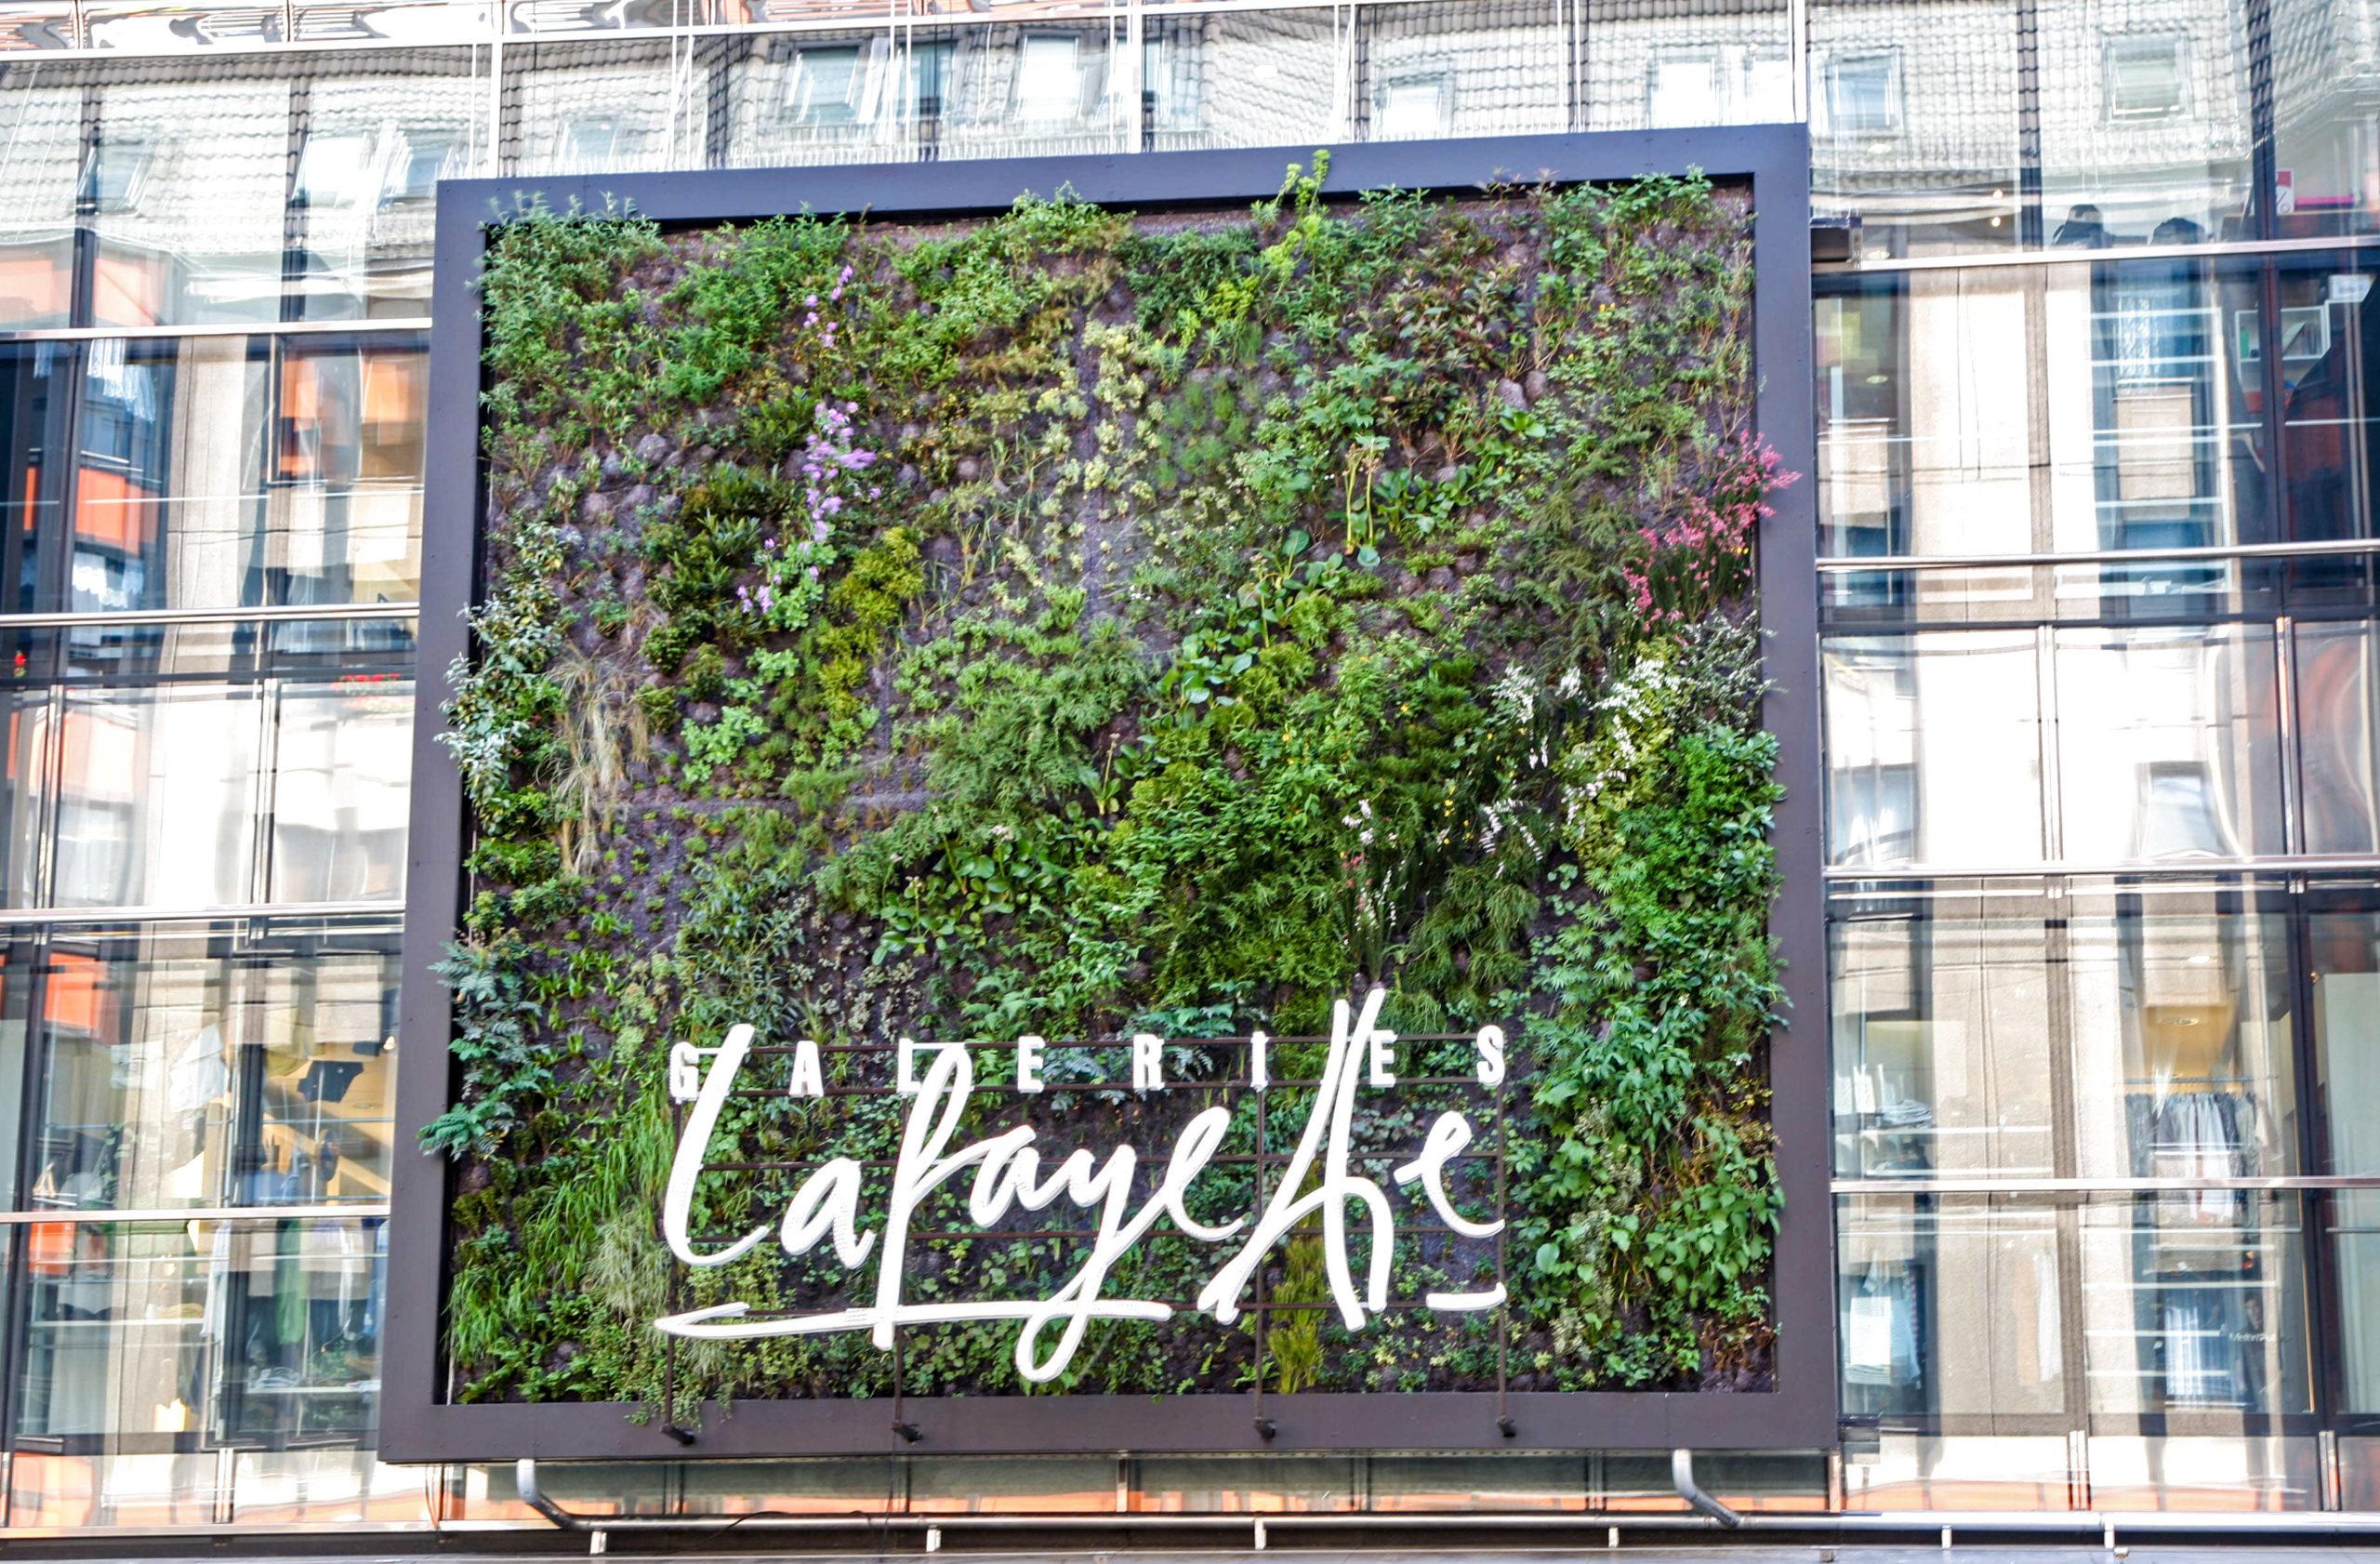 An der Frontfassade der Galeries Lafayette befindet sich ein vertikaler Garten des Pariser Botanikers Patrick Blanc.